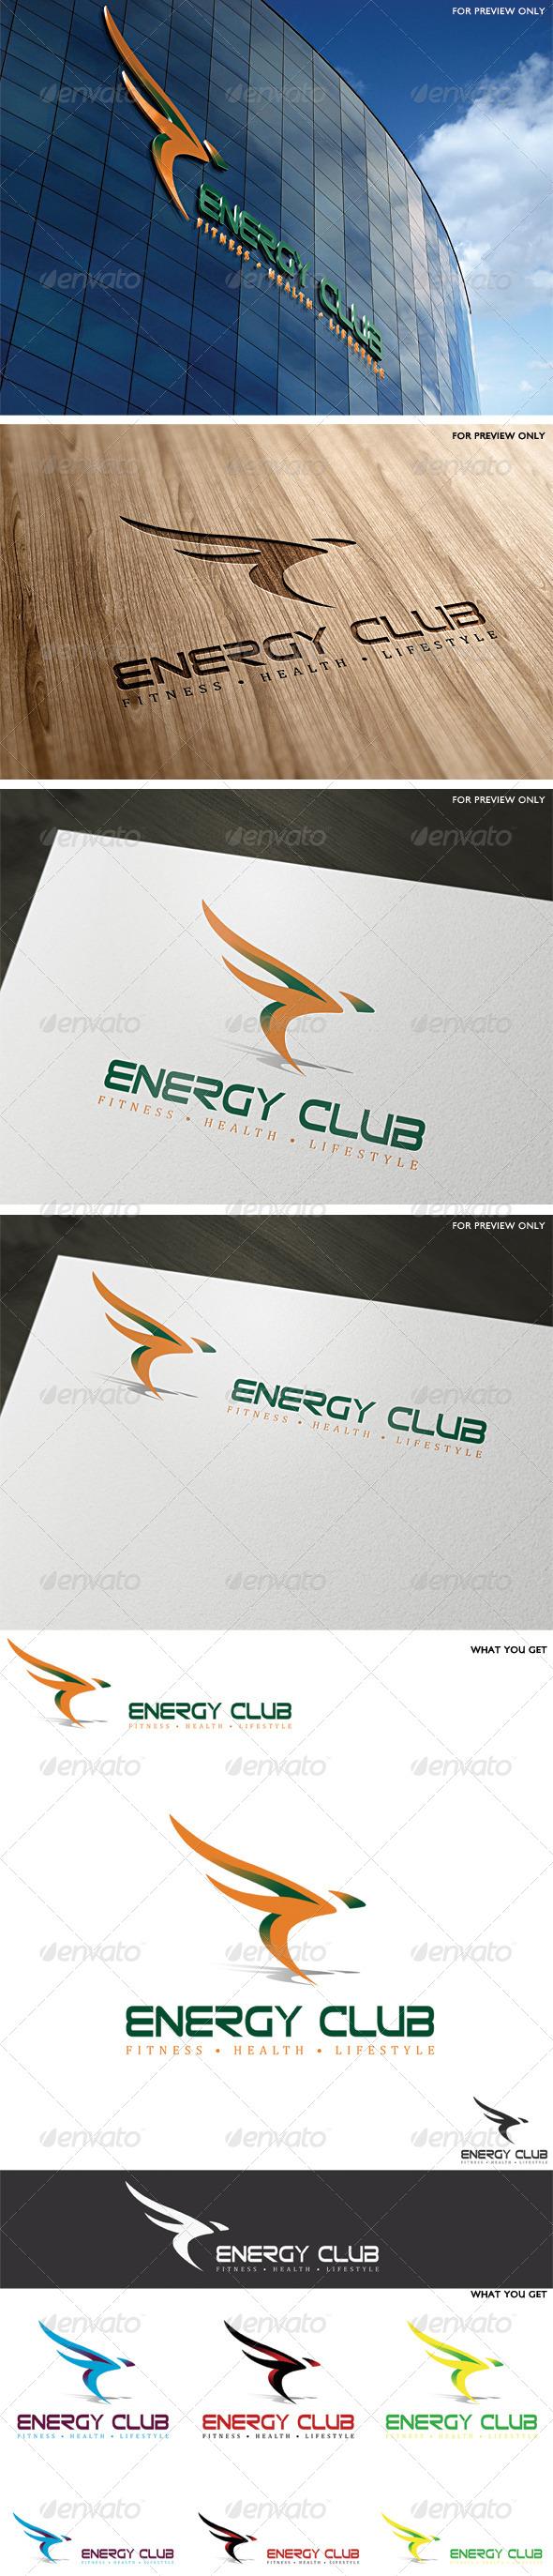 GraphicRiver Energy Club Logo Template 4199225